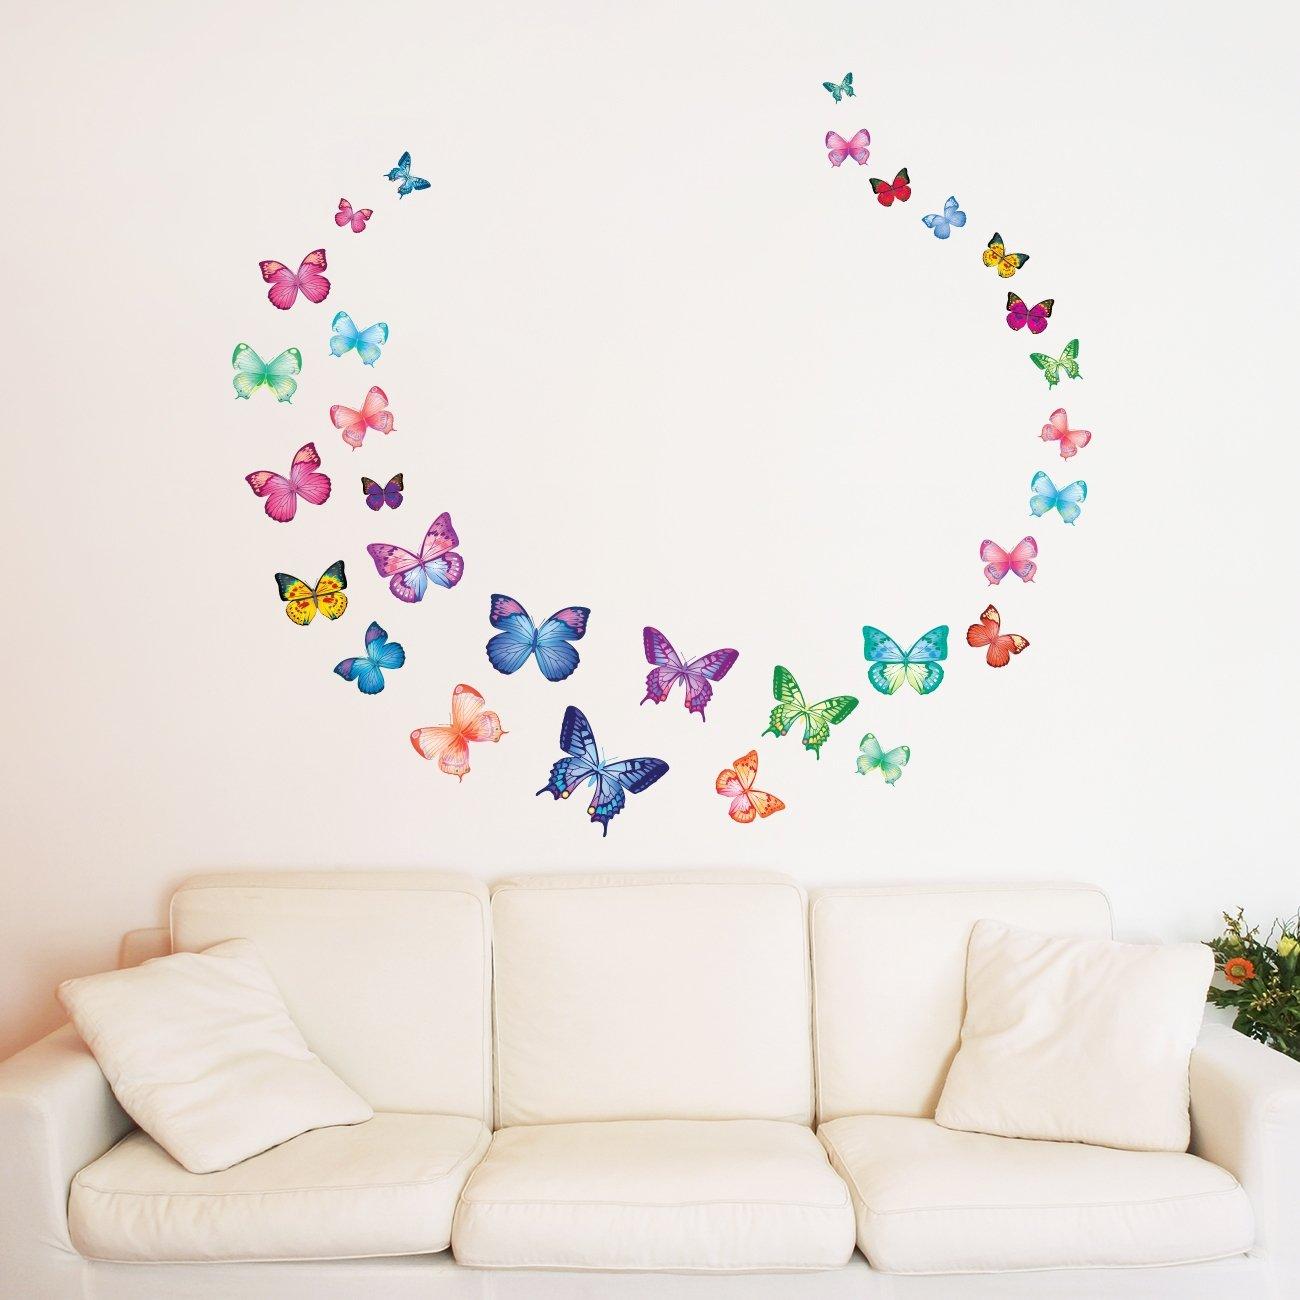 Decowall DW-1302 30 Papillons Vibrant Autocollants Muraux Mural Stickers Chambre Enfants B/éb/é Garderie Salon